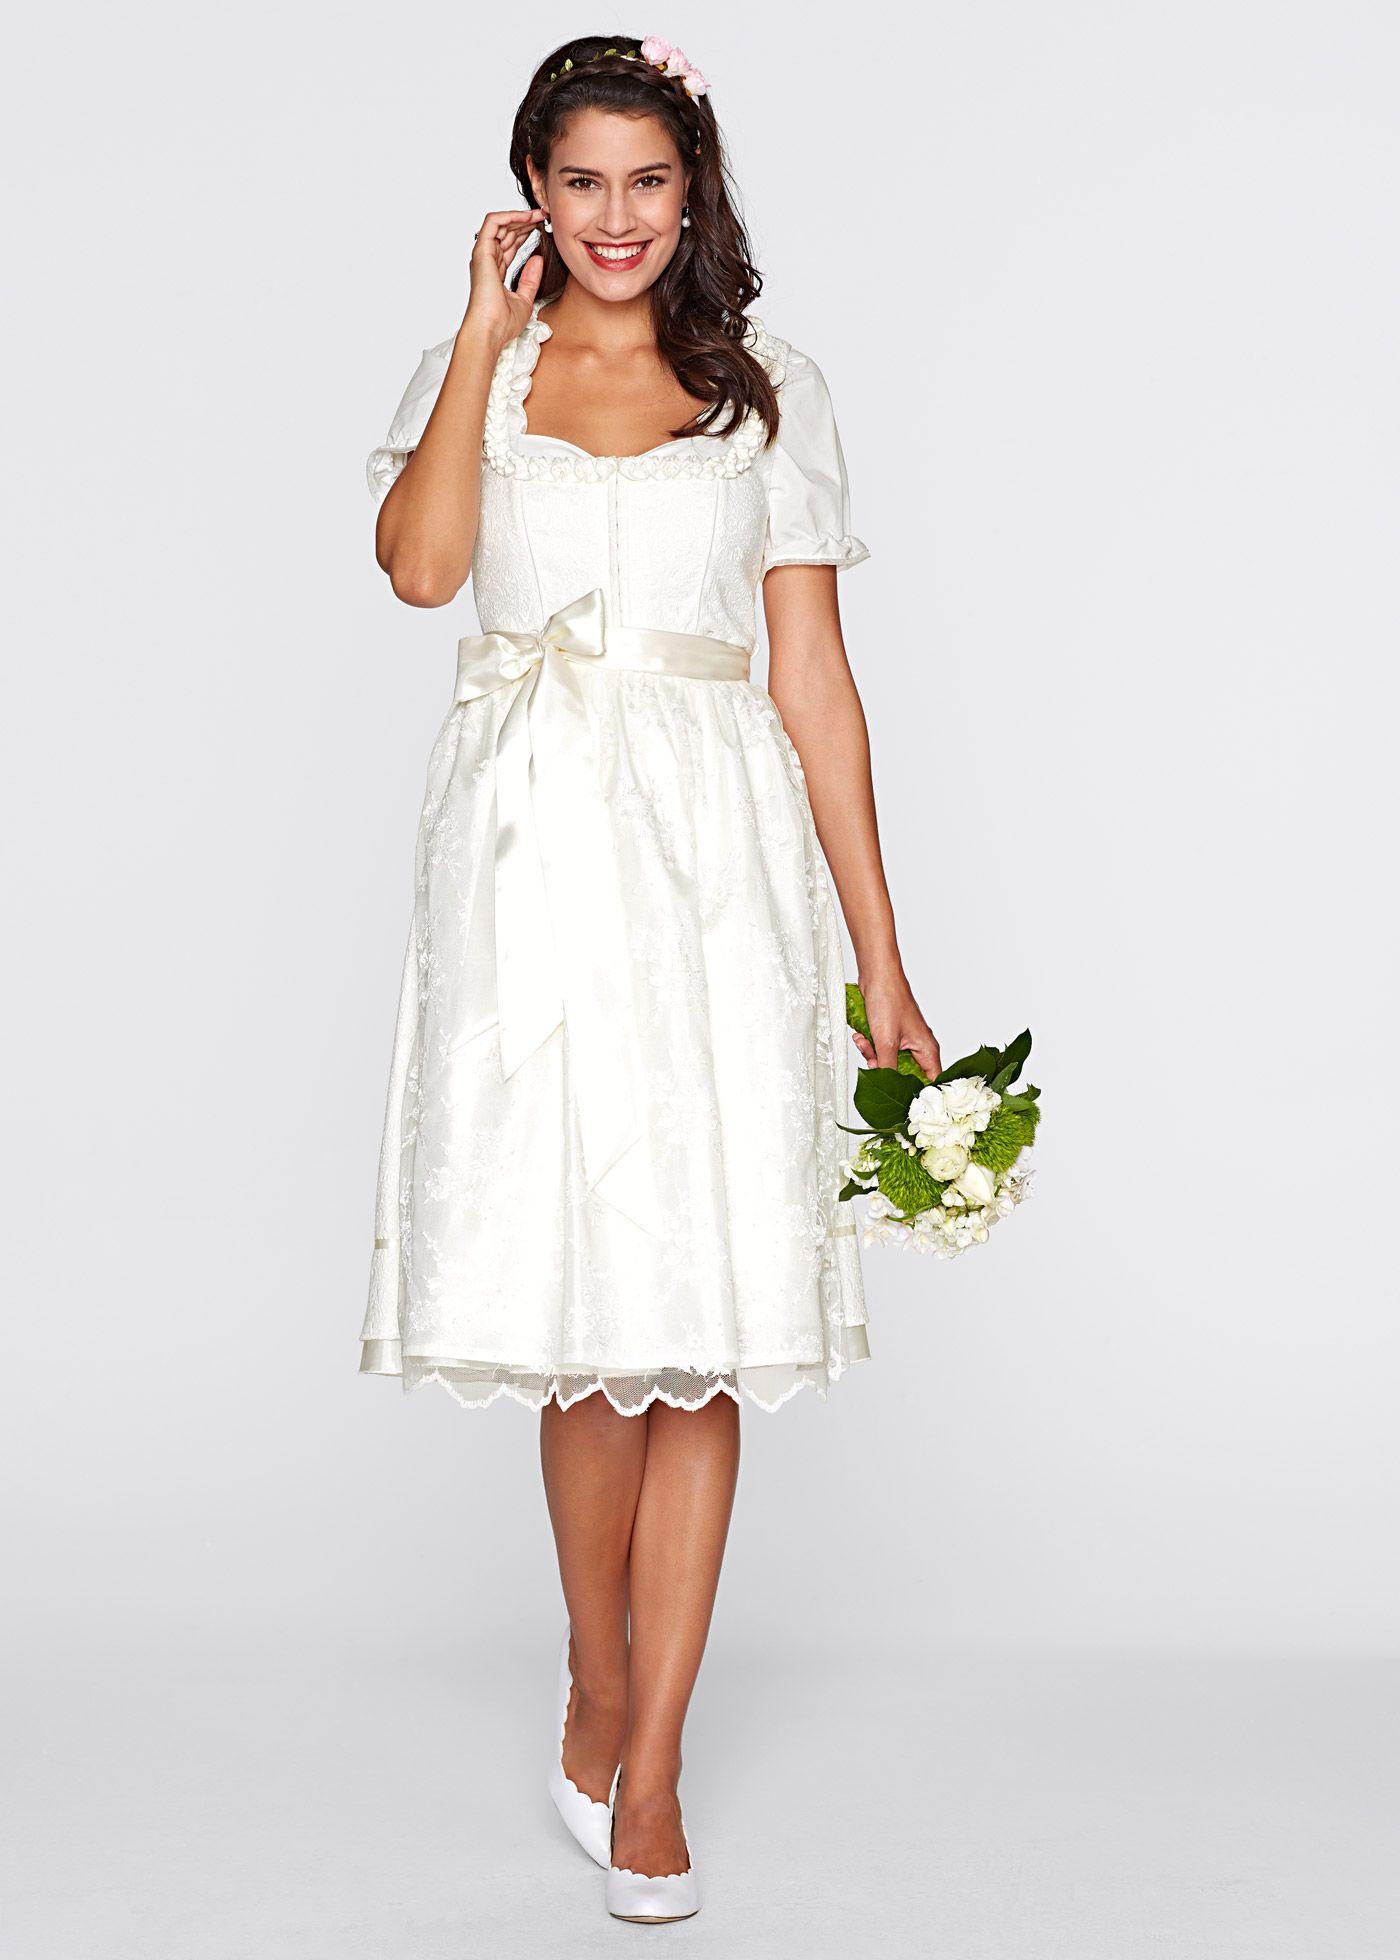 17 Kreativ Kleid Wadenlang DesignAbend Perfekt Kleid Wadenlang Galerie